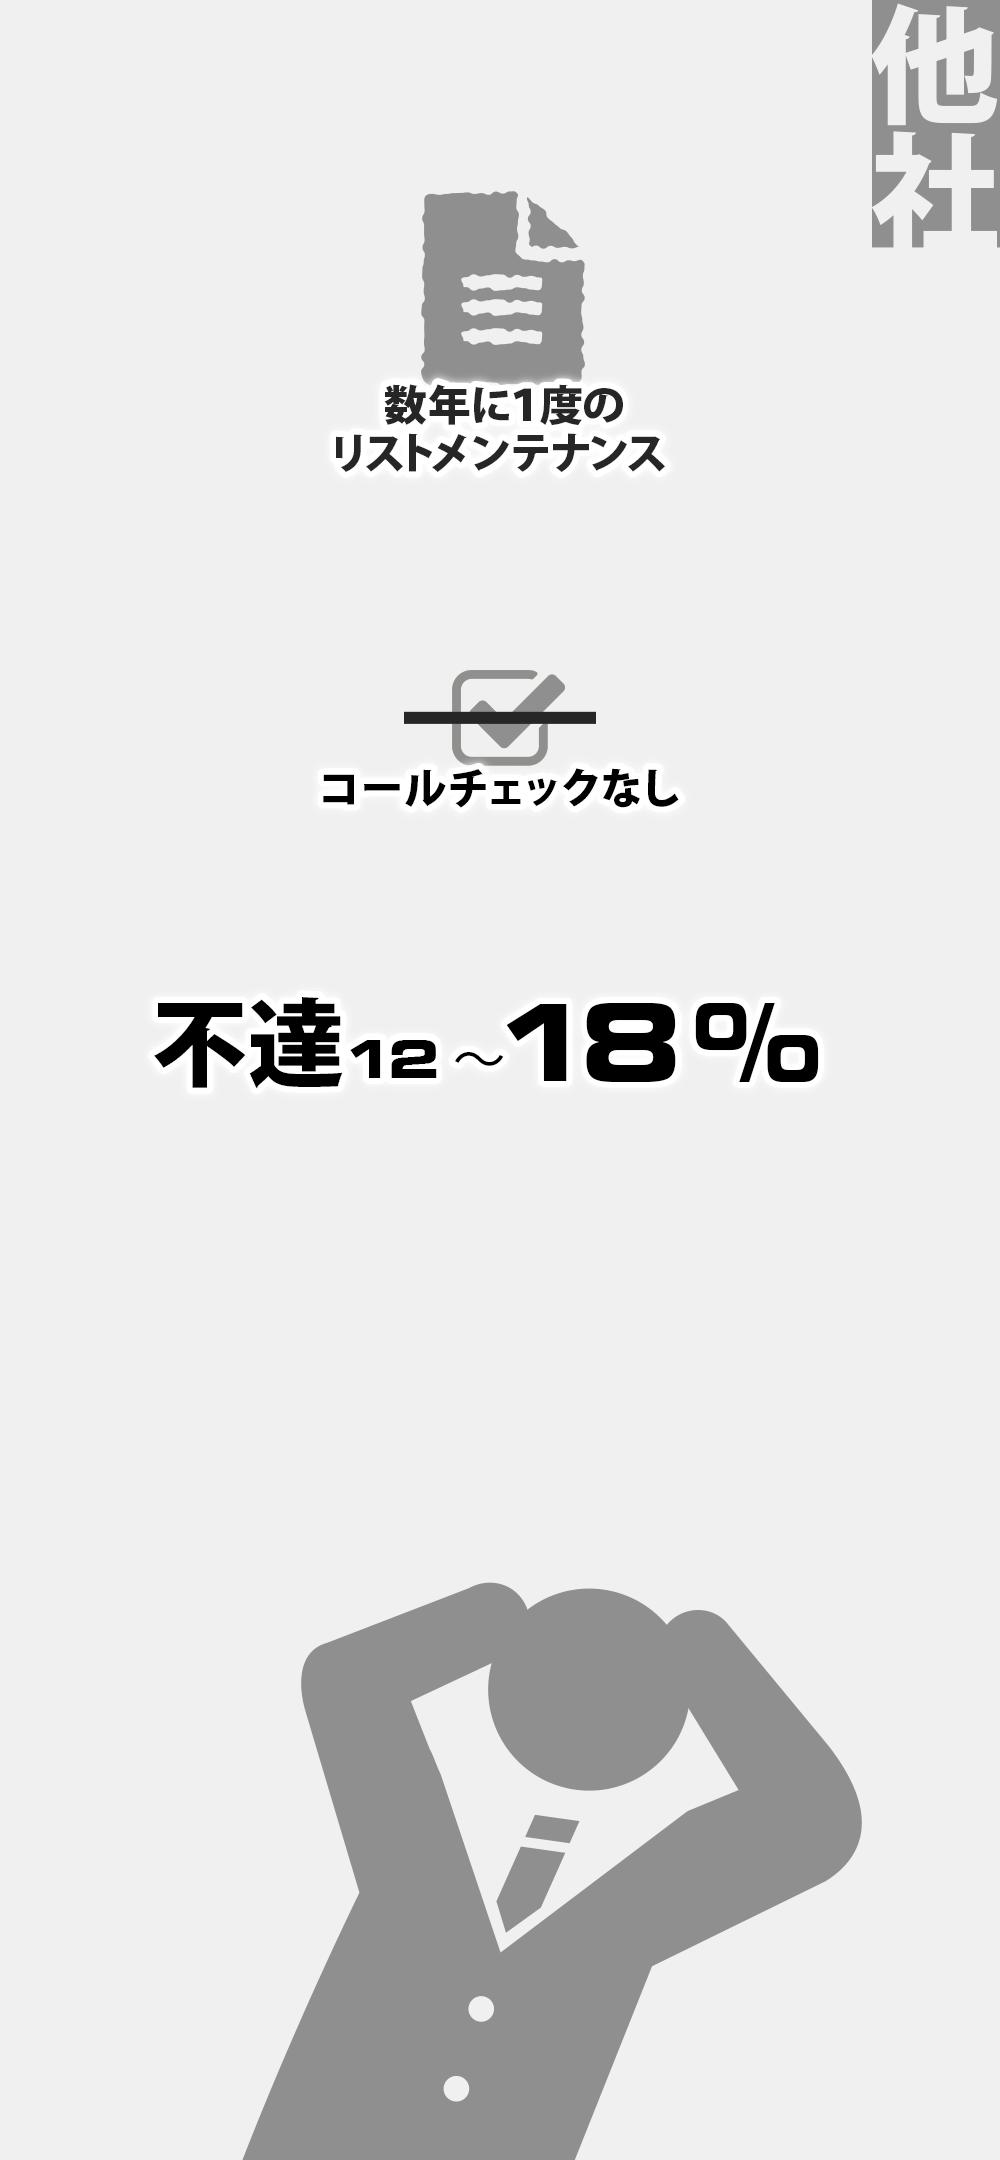 他社 数年に1度のリストメンテナンス →コールチェックなし → 不達12~18%